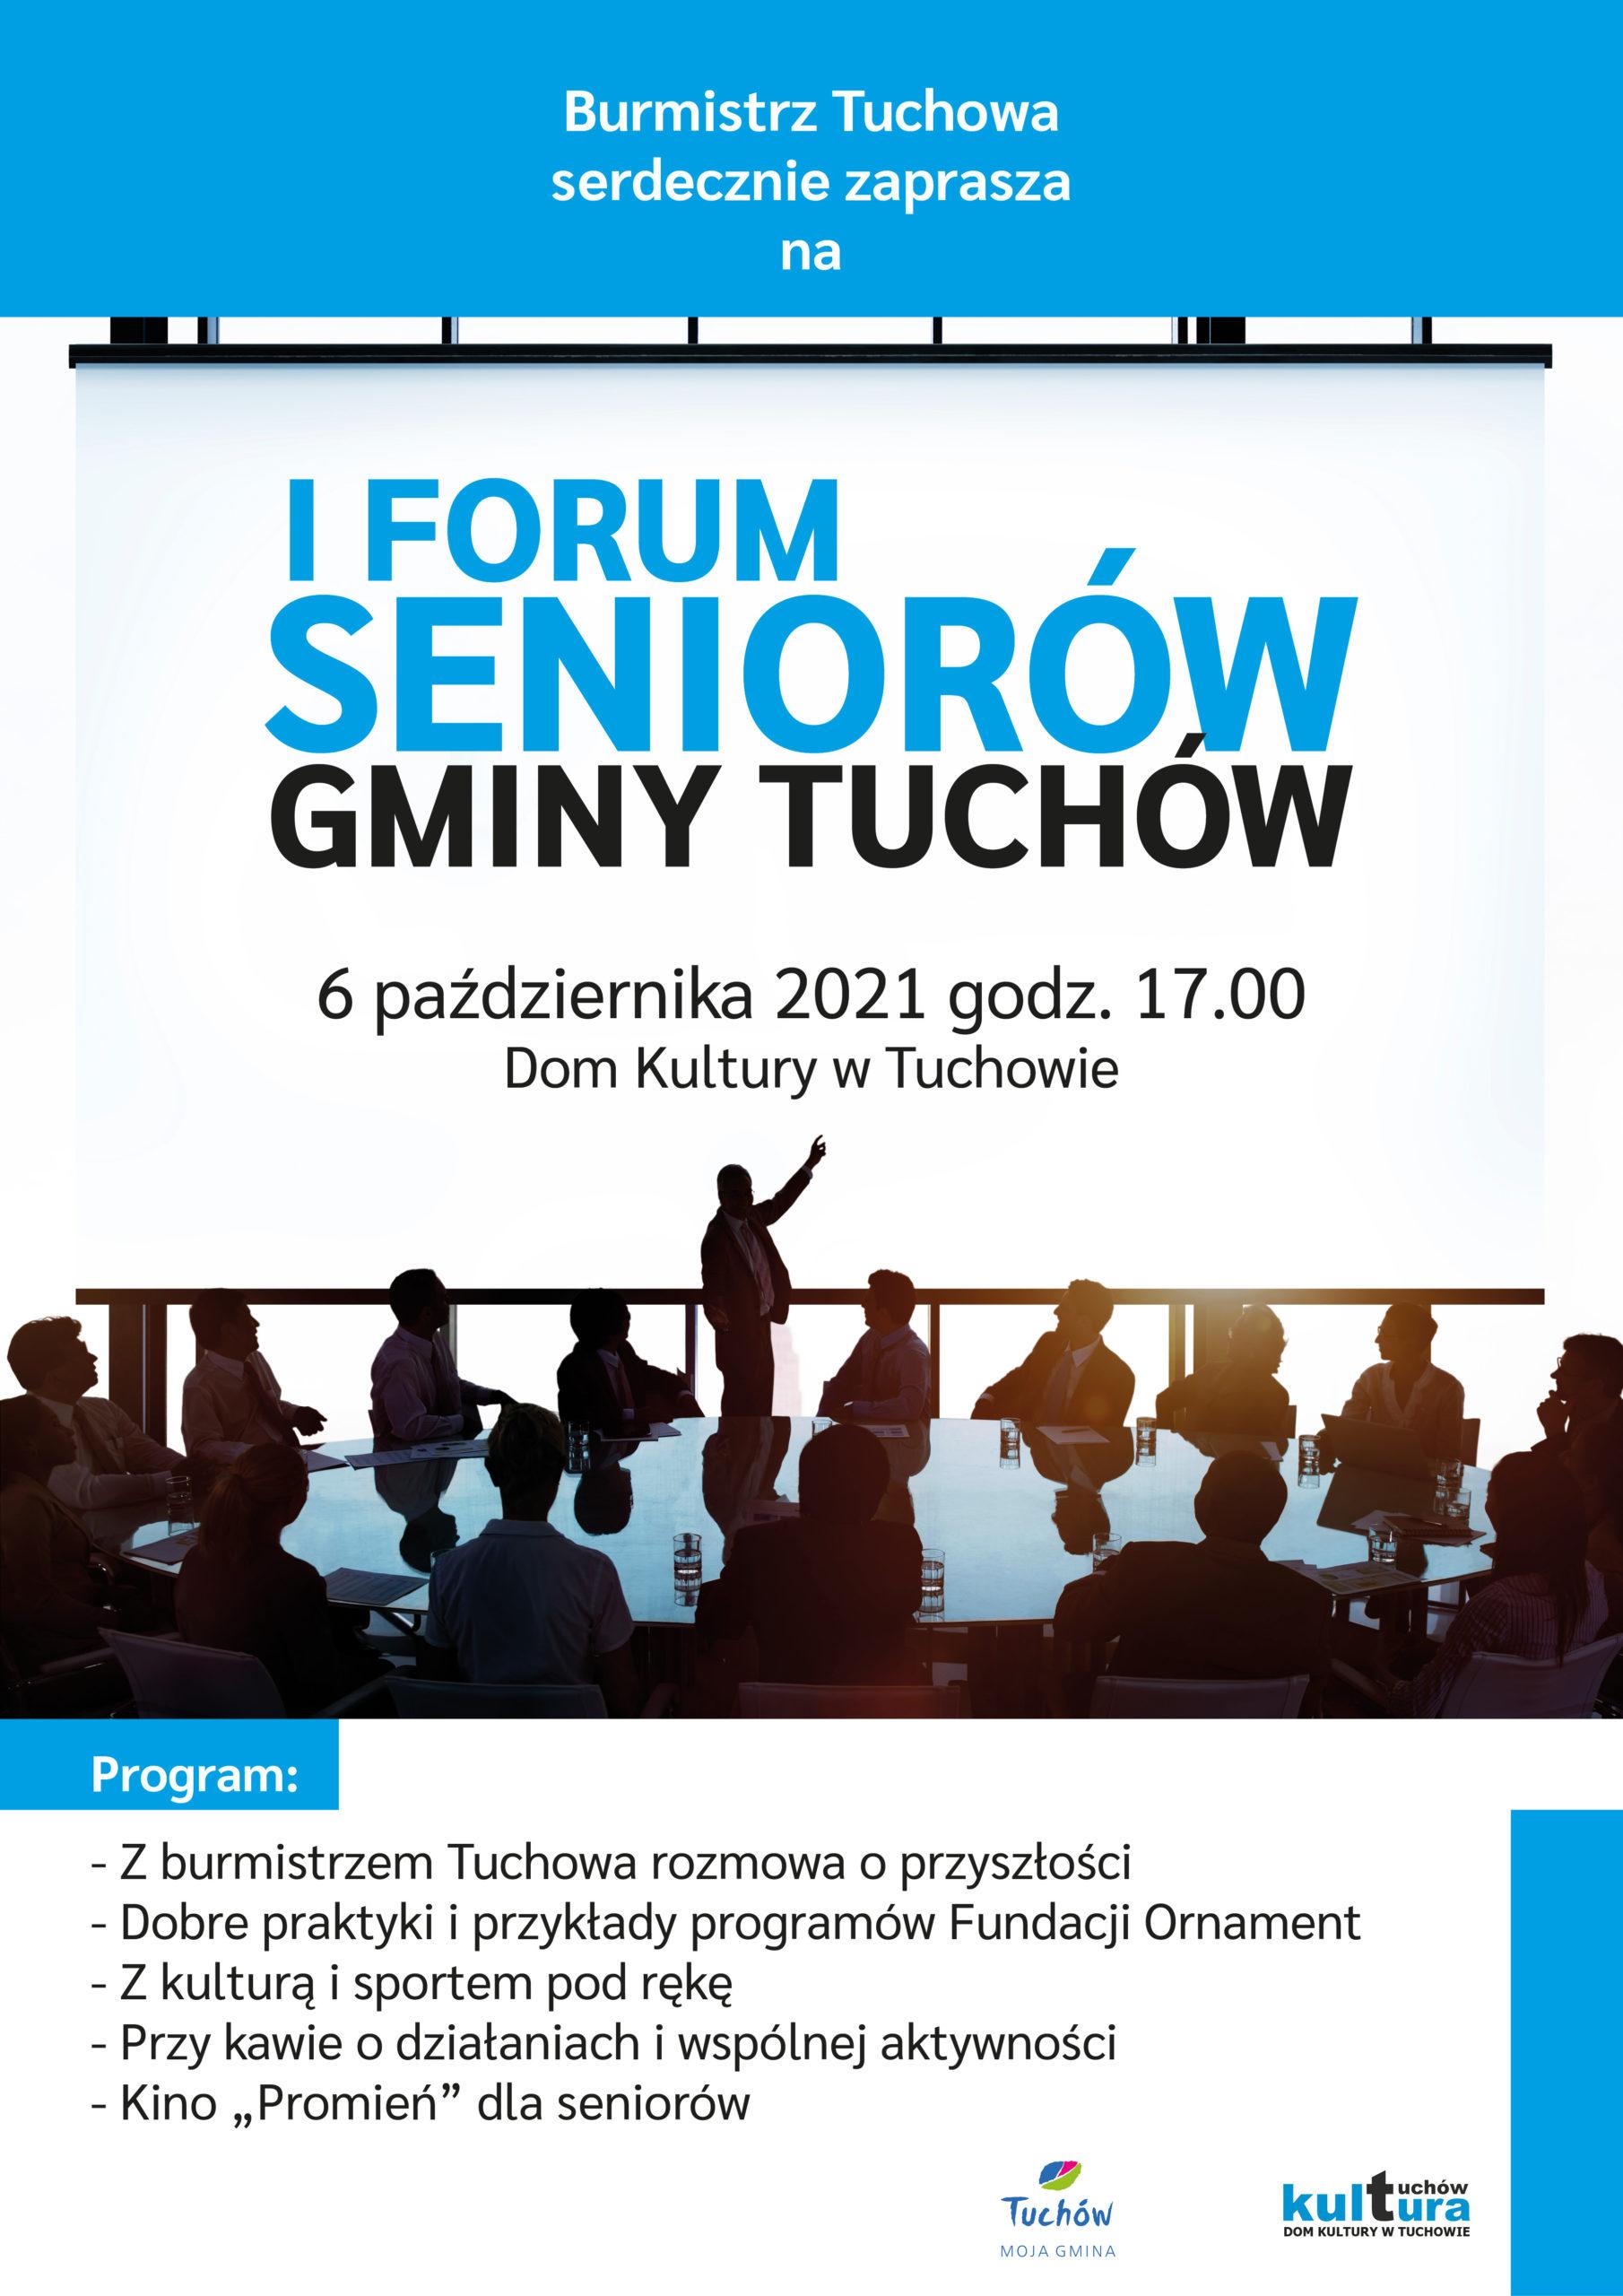 I Forum Seniorów Gminy Tuchów!